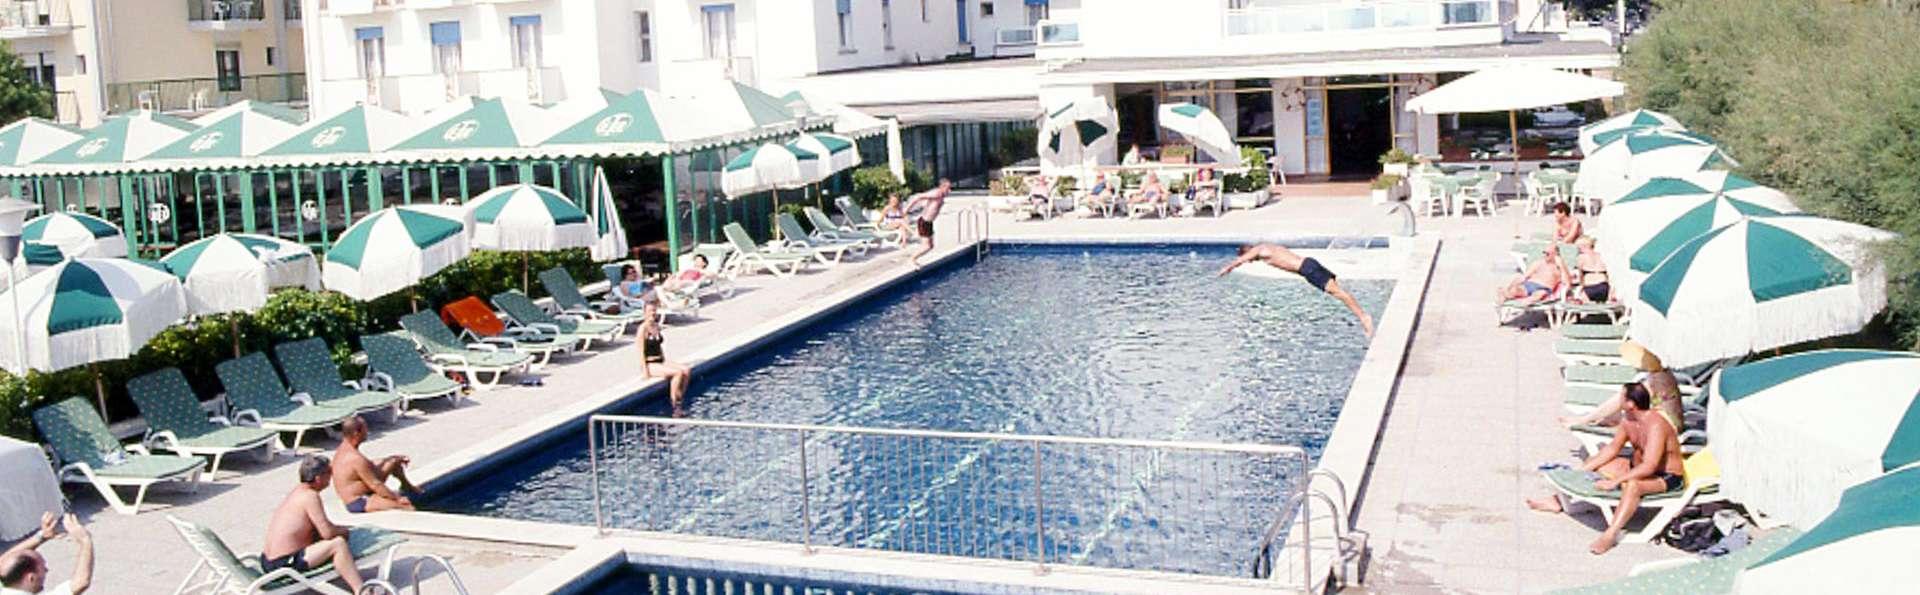 Hotel Heron - EDIT_POOL_01.jpg